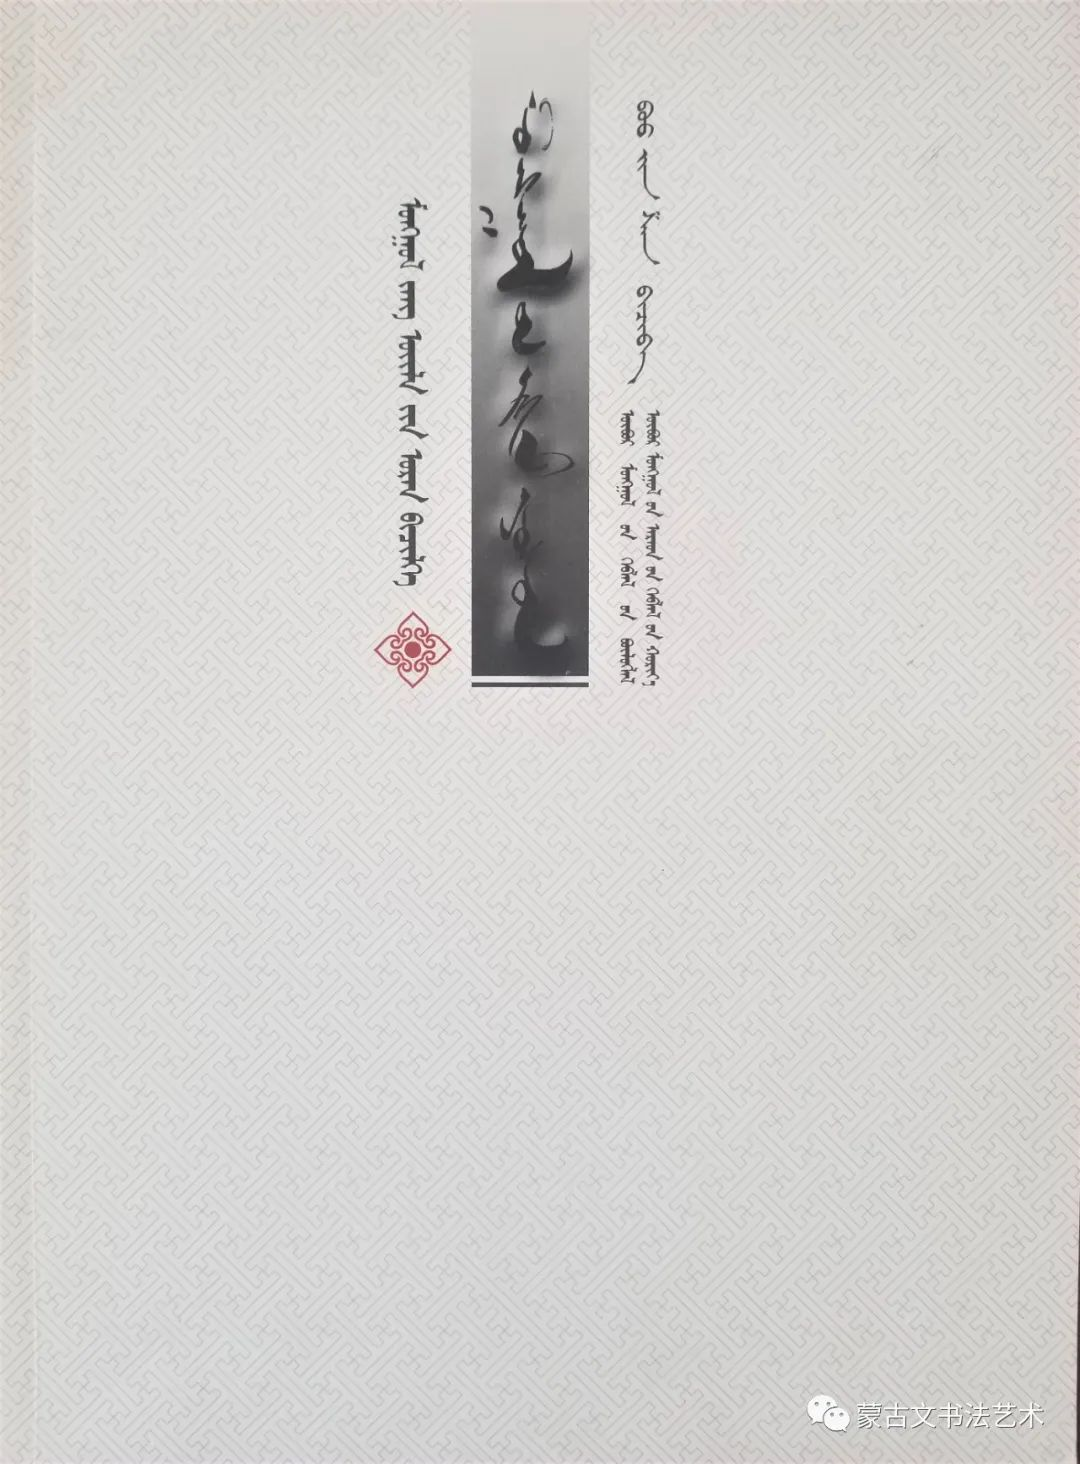 宝金山-蒙古族民俗箴言书法集 第2张